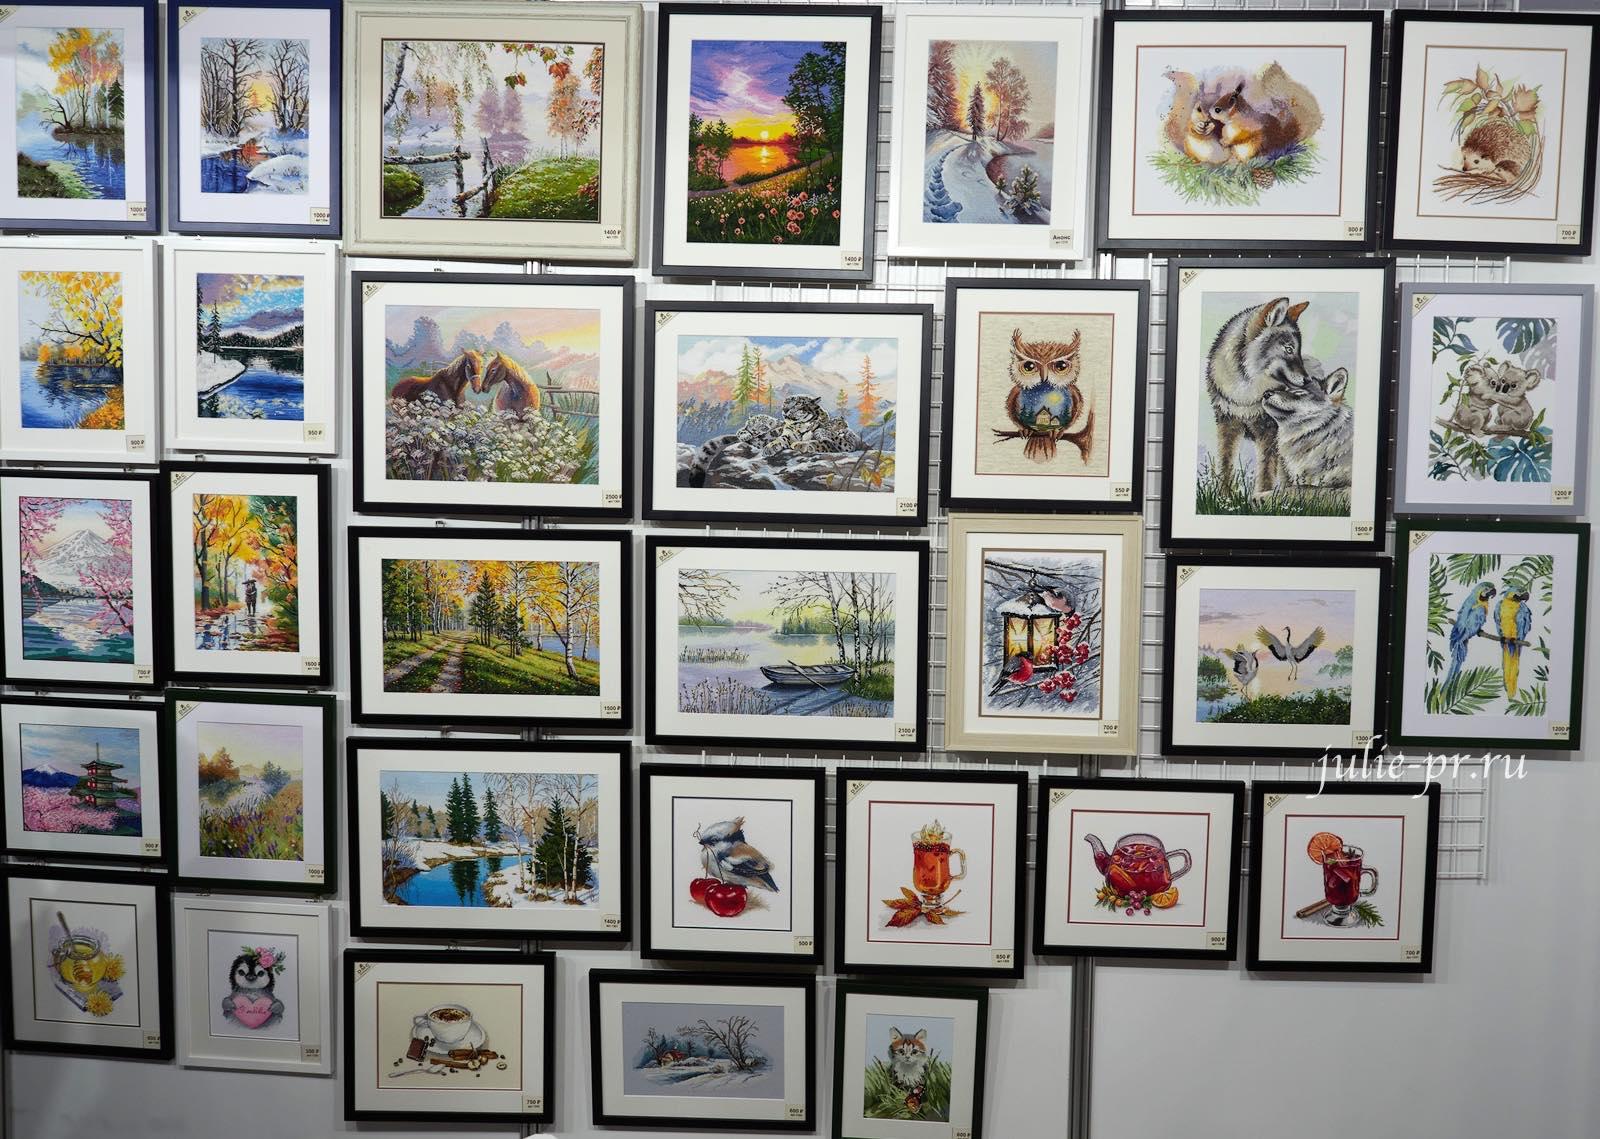 вышивка крестом, овен, выставка вышивки, Формула рукоделия весна 2021